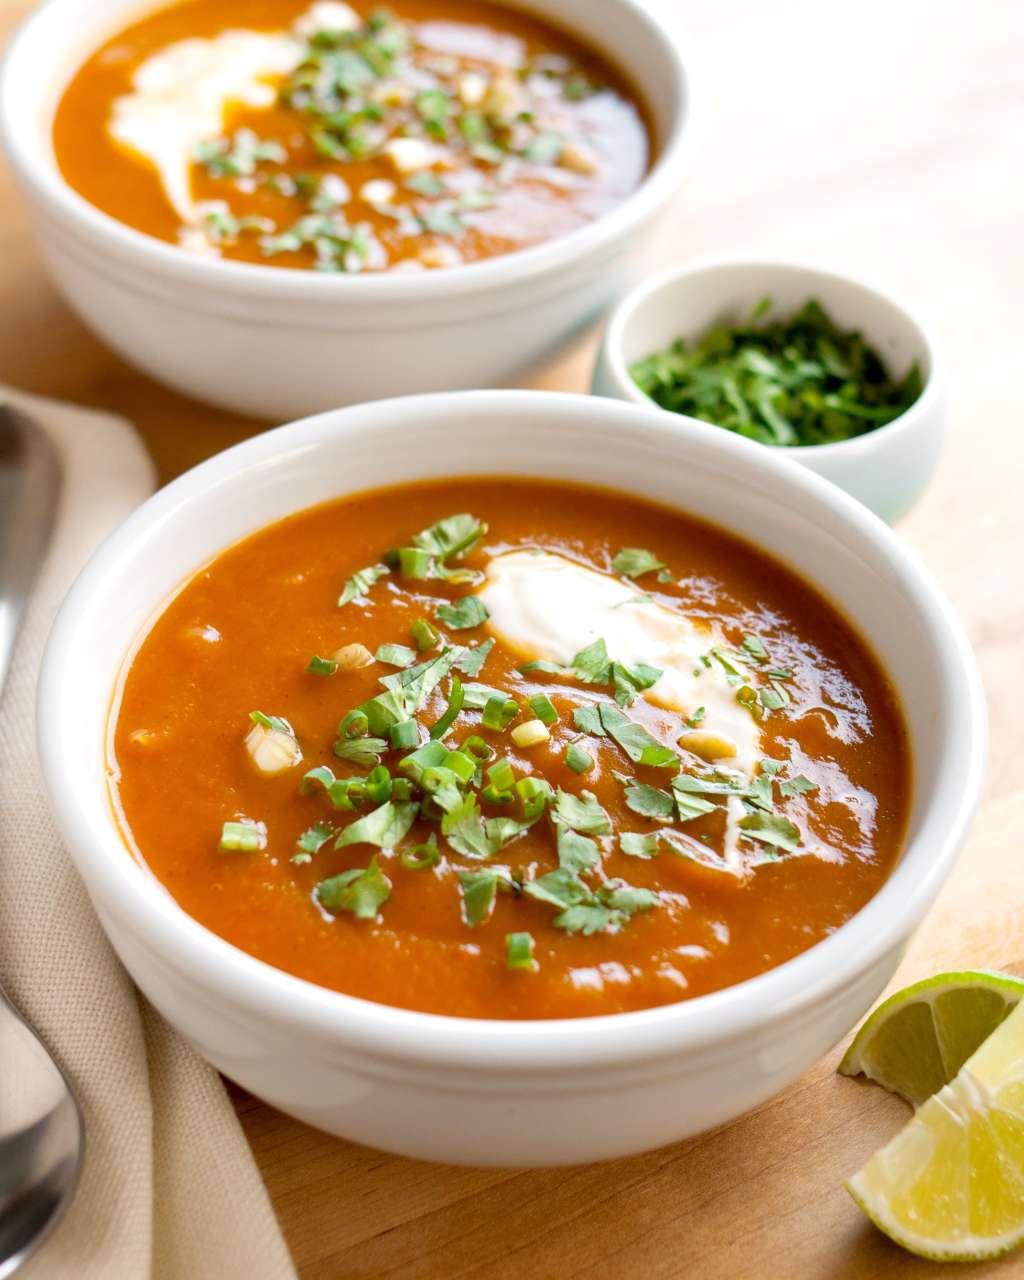 Recipe: Southwestern Butternut Squash Soup